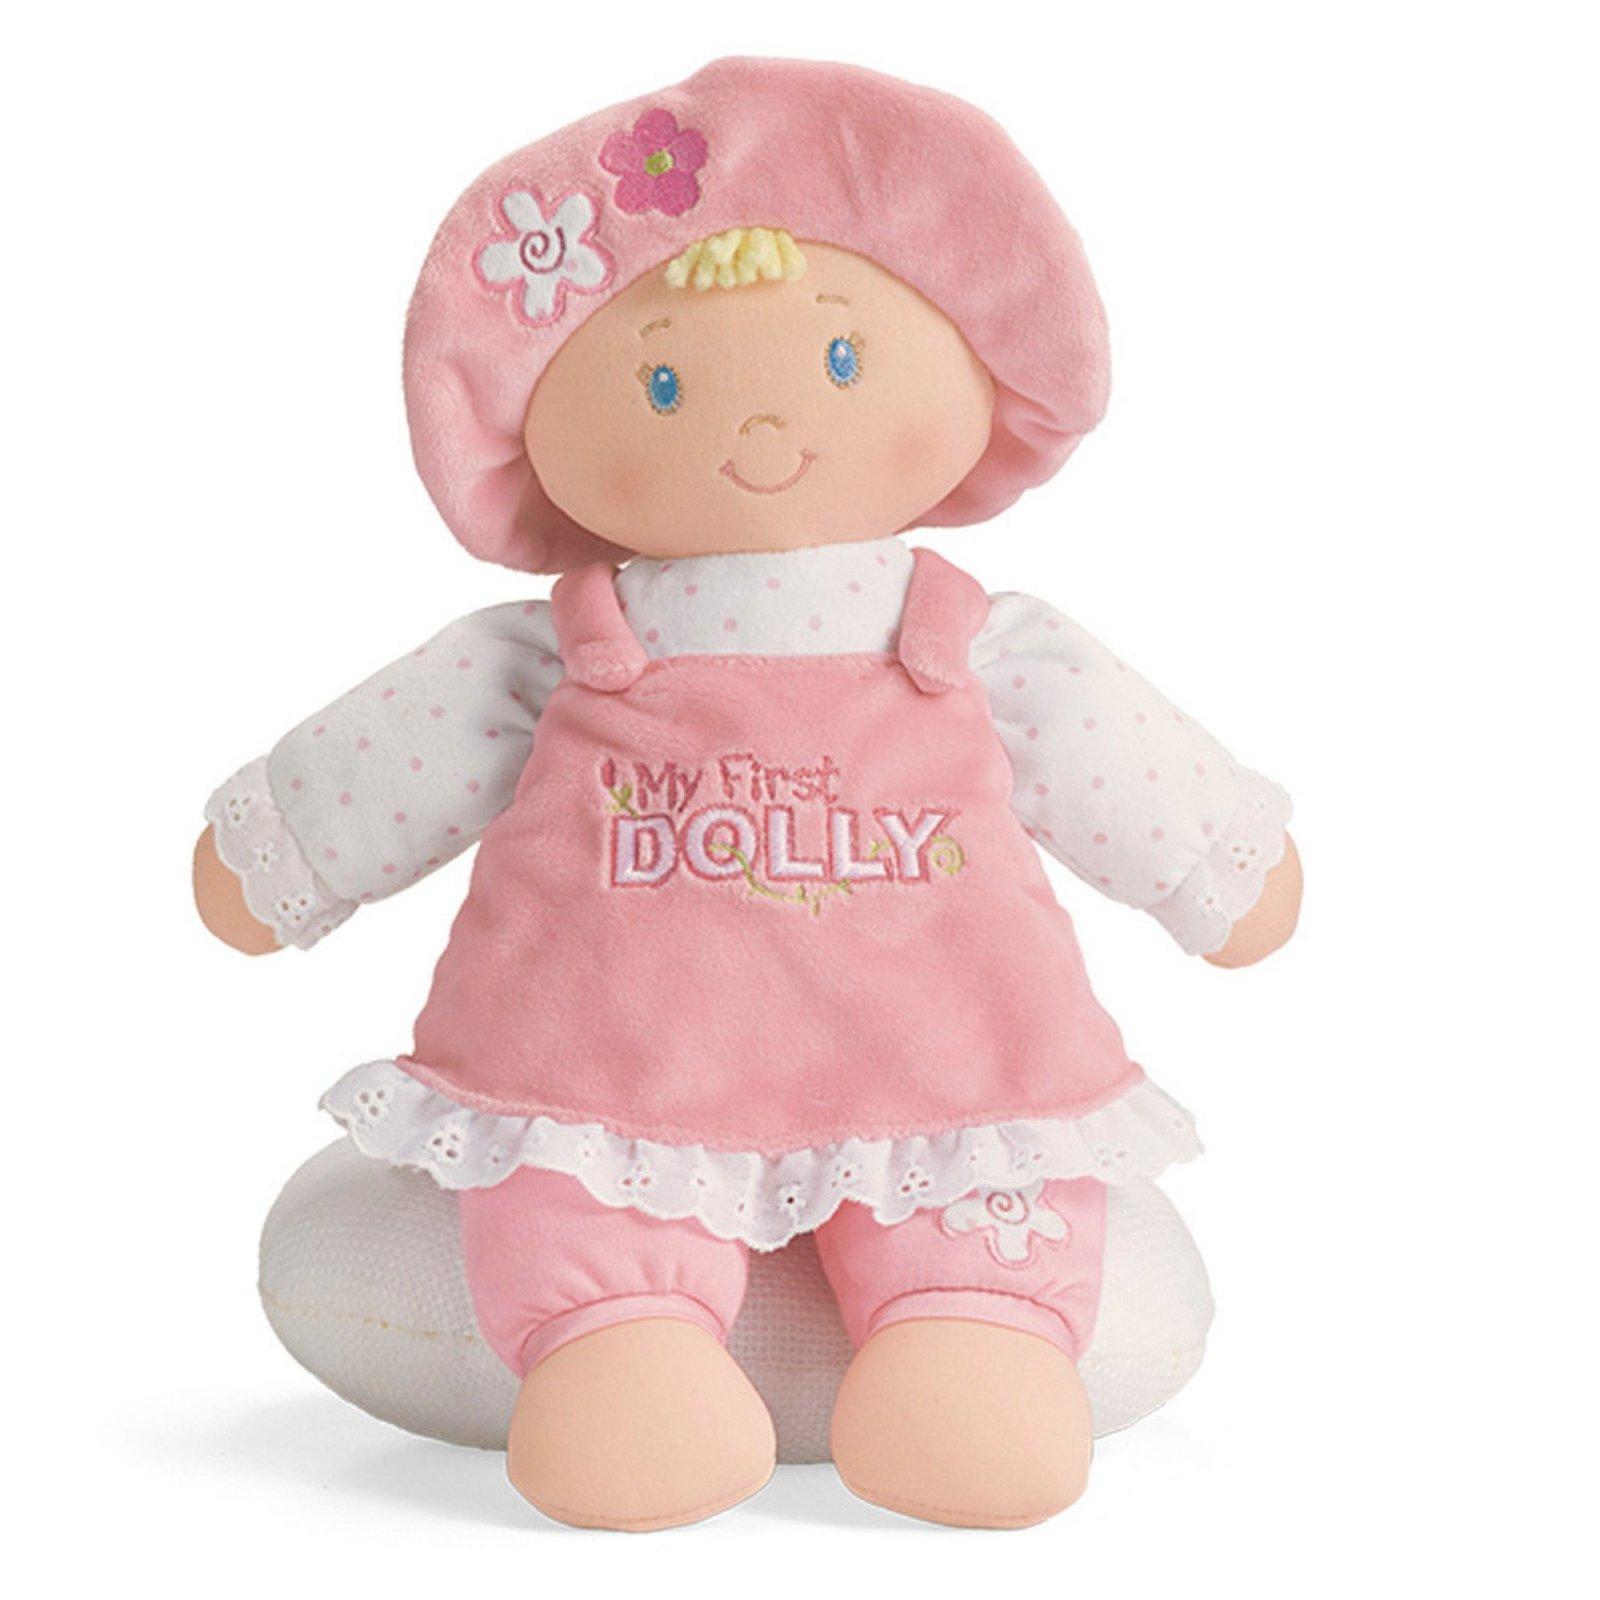 GUND My First Dolly Stuffed Doll Plush 13